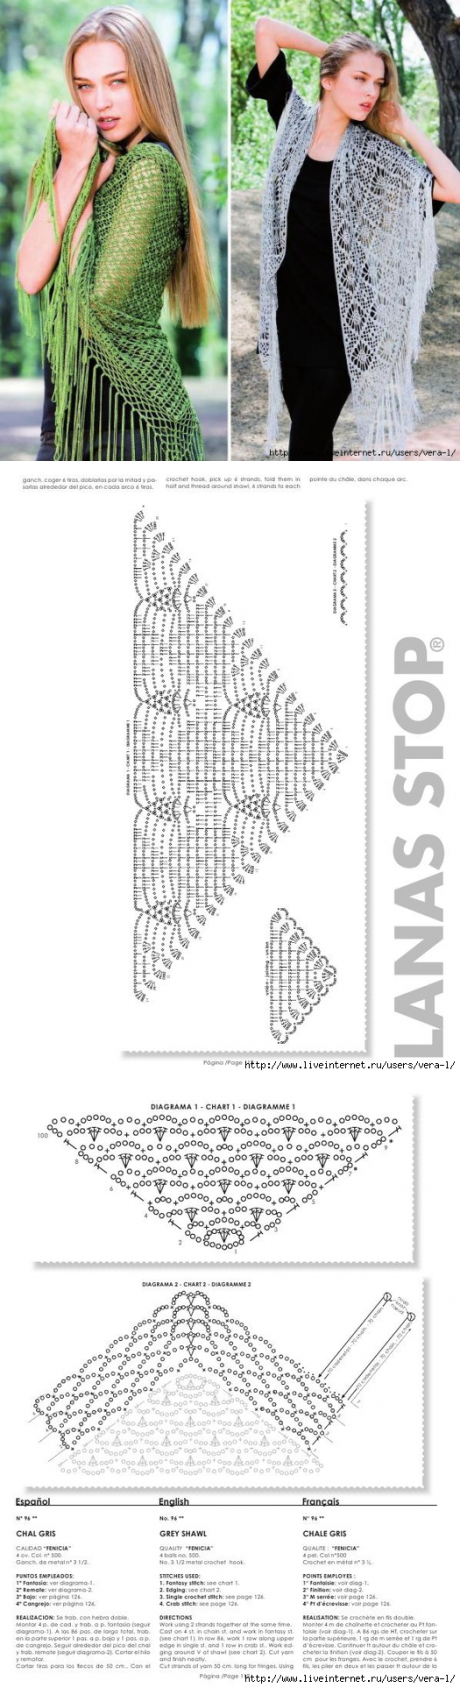 вязание крючком ажурных перчаток схемы